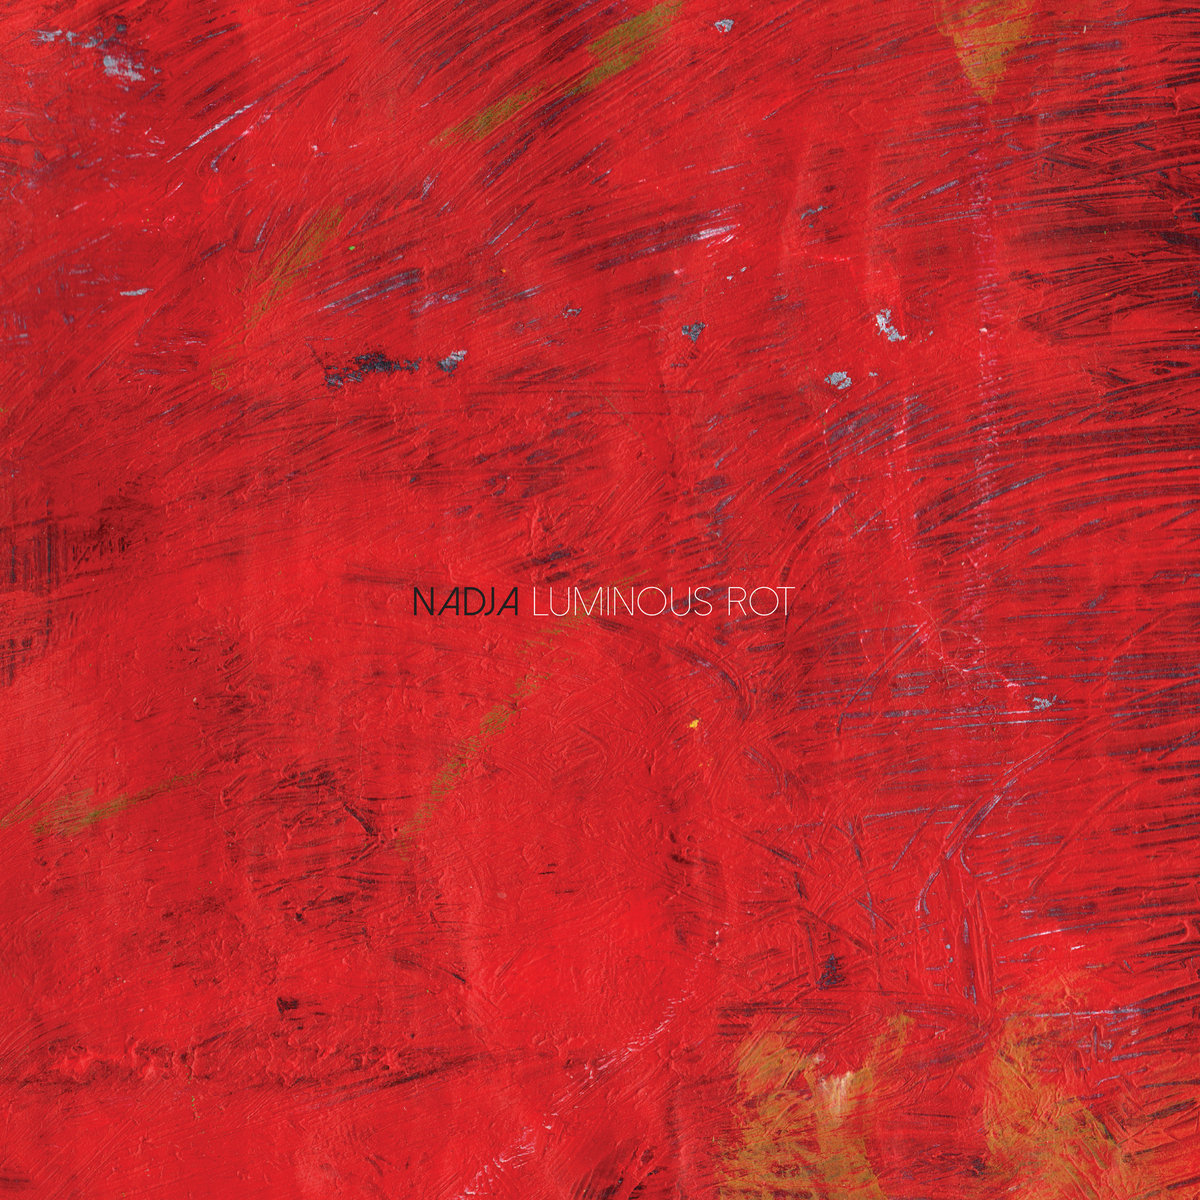 Nadja - Luminous Rot